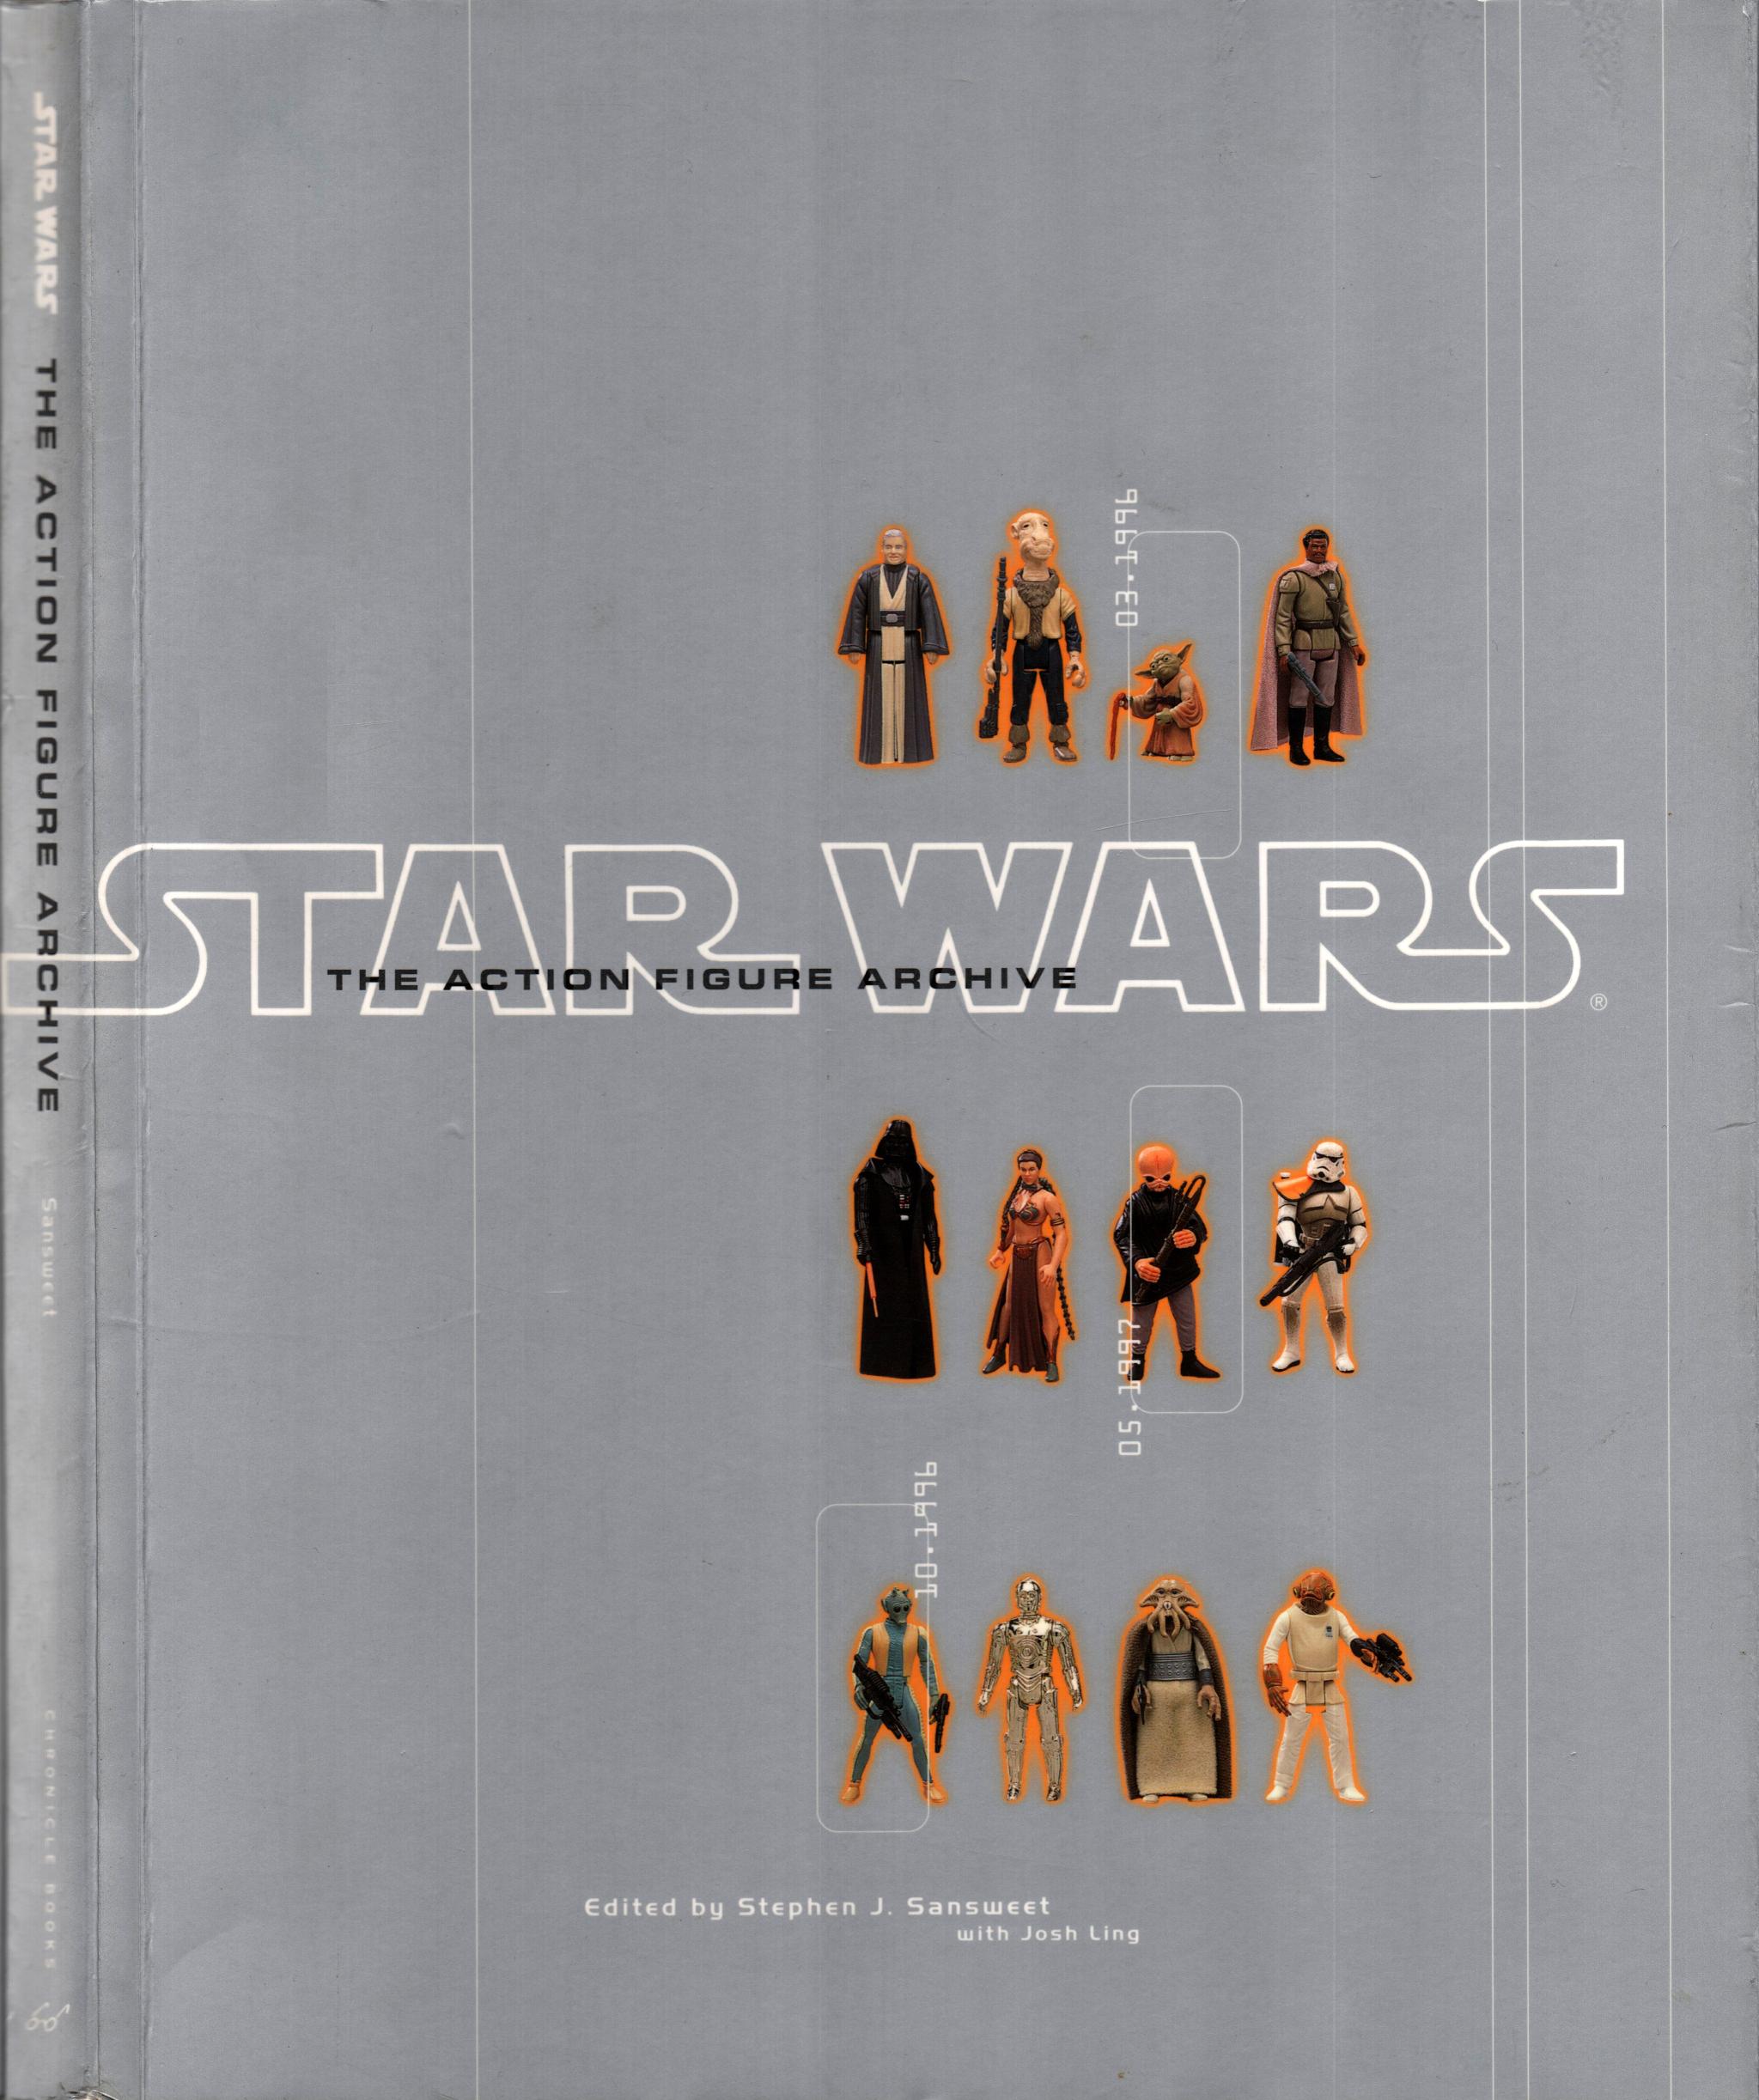 Архив игрушечных фигурок «Звёздных войн»